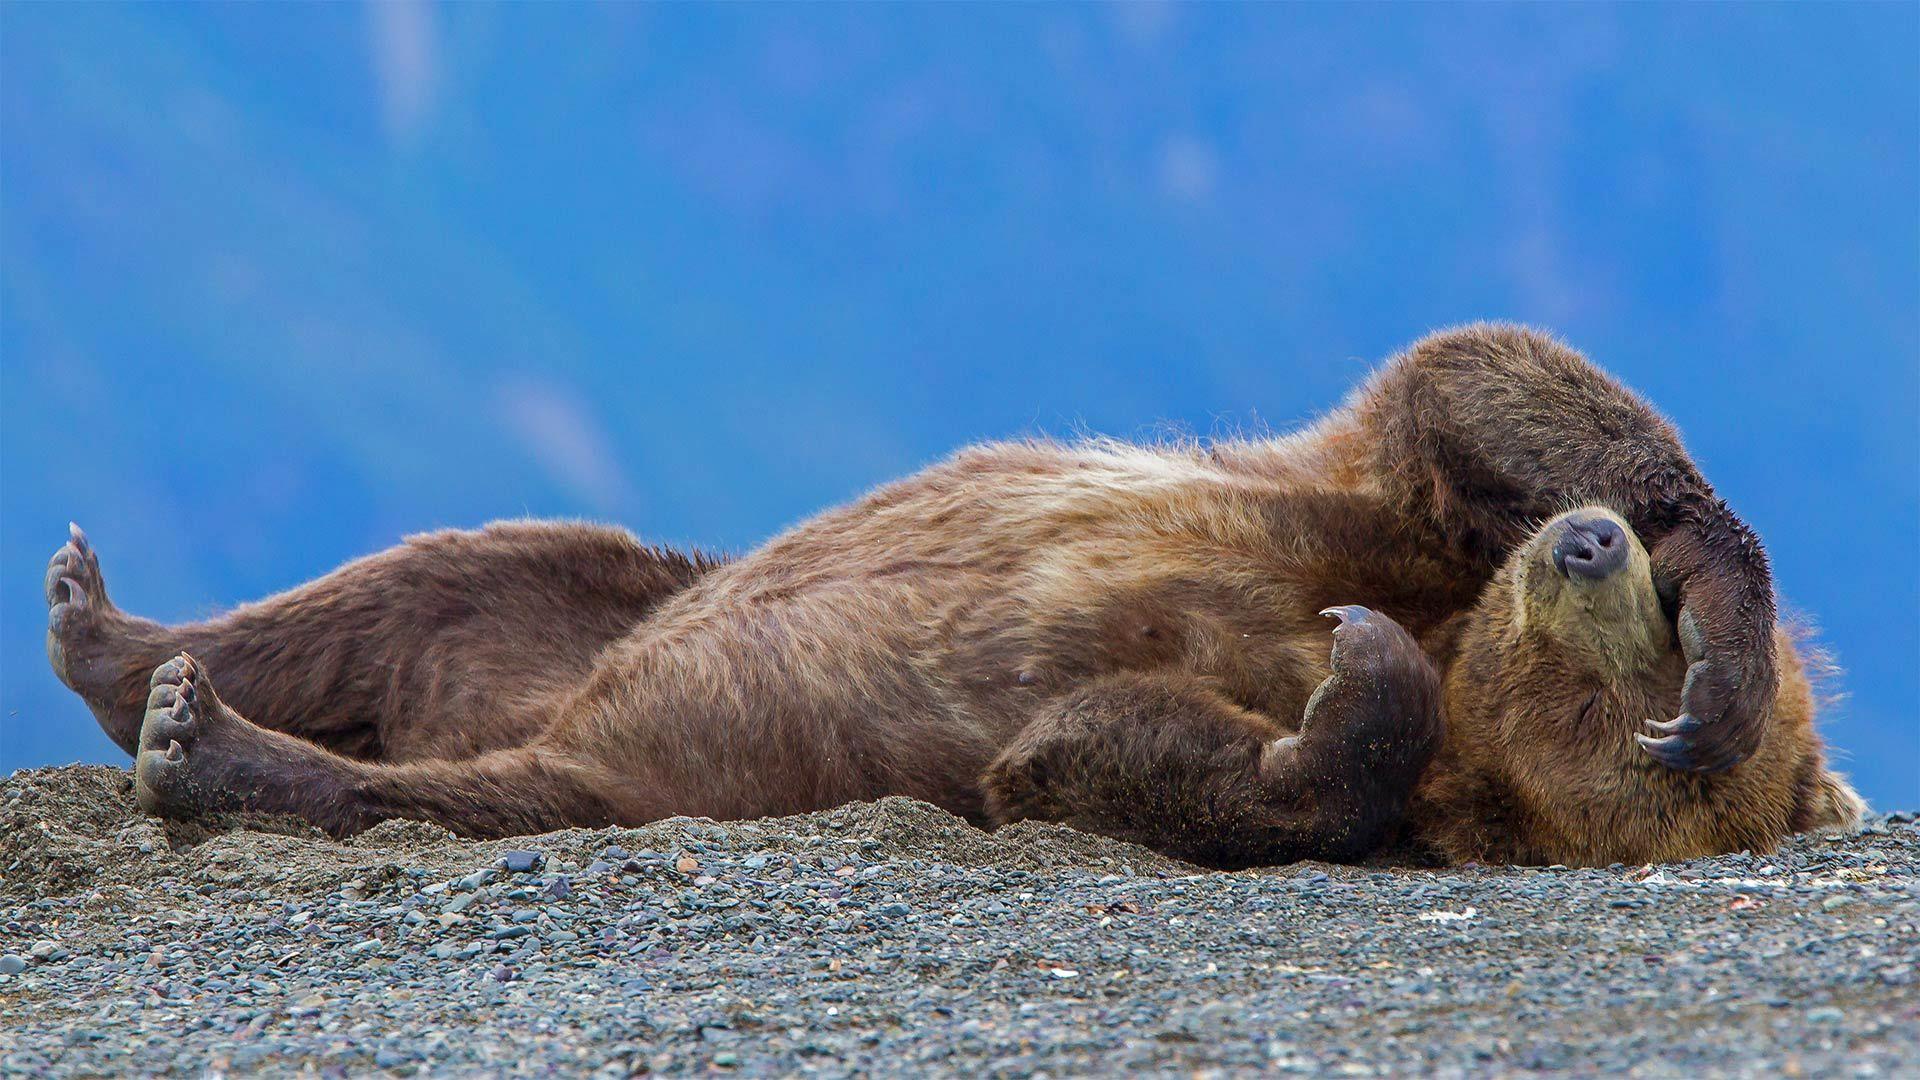 克拉克湖国家公园中一只休憩的灰熊幼崽灰熊